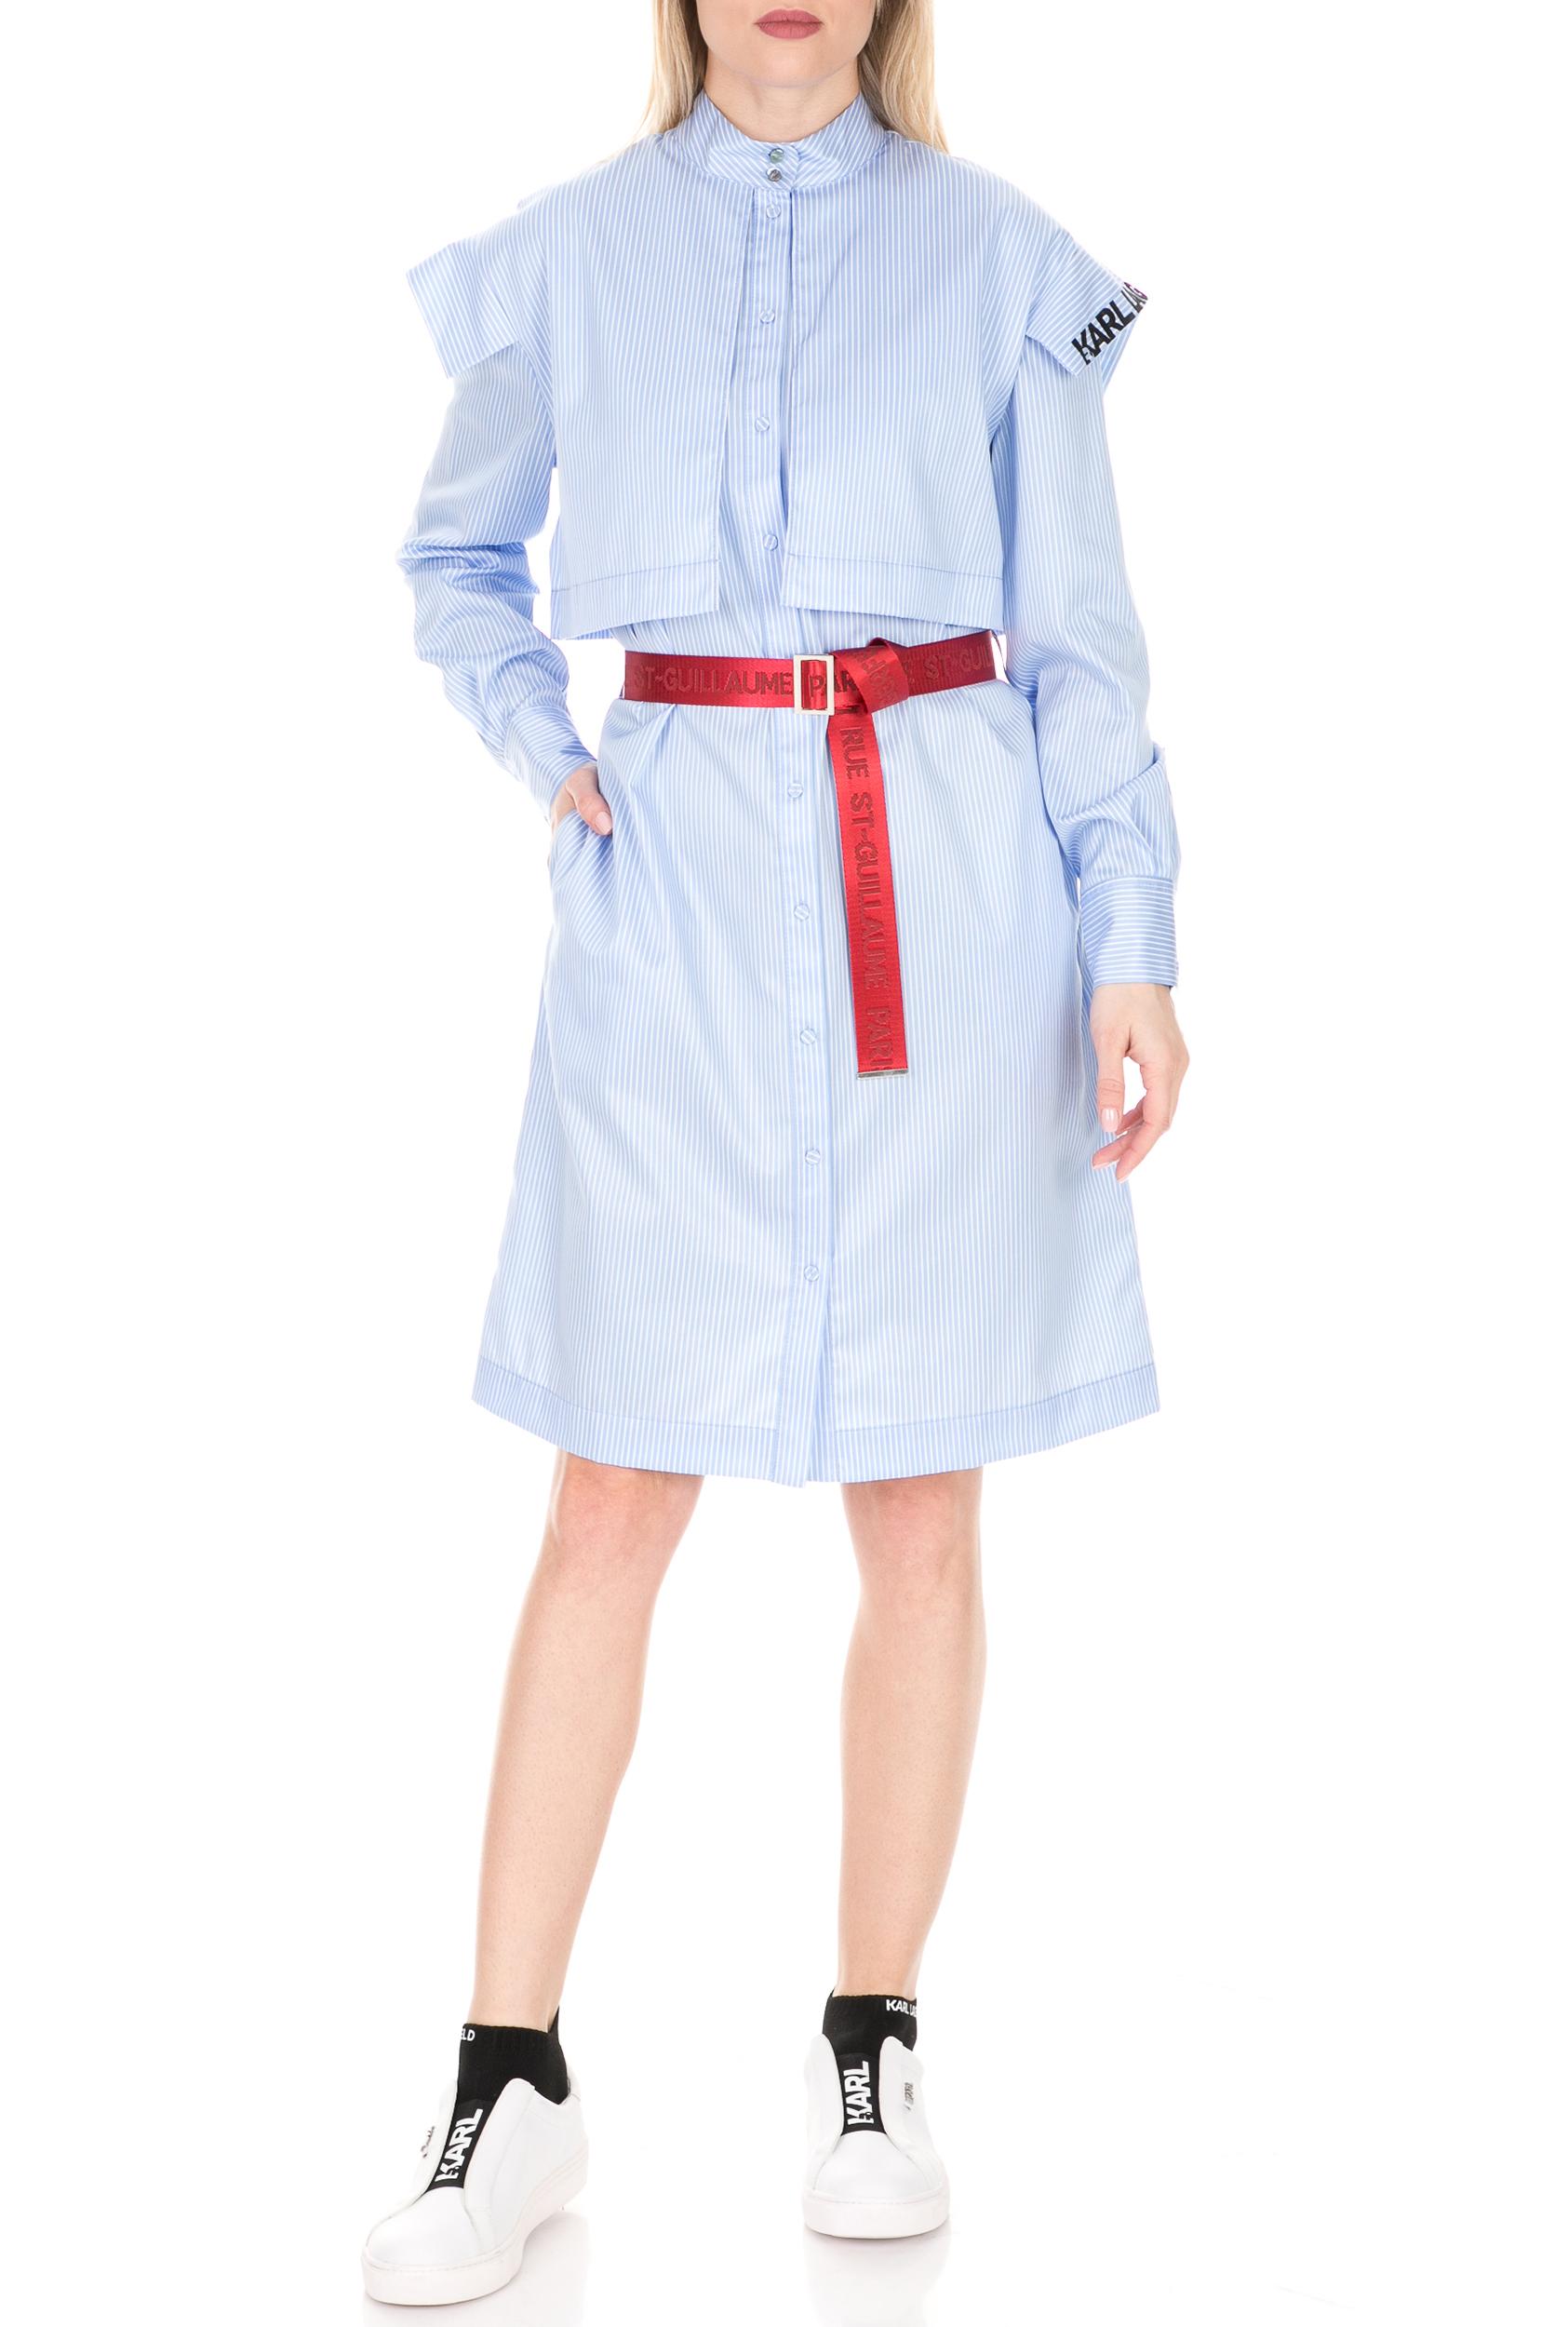 KARL LAGERFELD - Γυναικείο φόρεμα Stripe Poplin Shirt Dress γαλάζιο-λευκό γυναικεία ρούχα φόρεματα μίνι